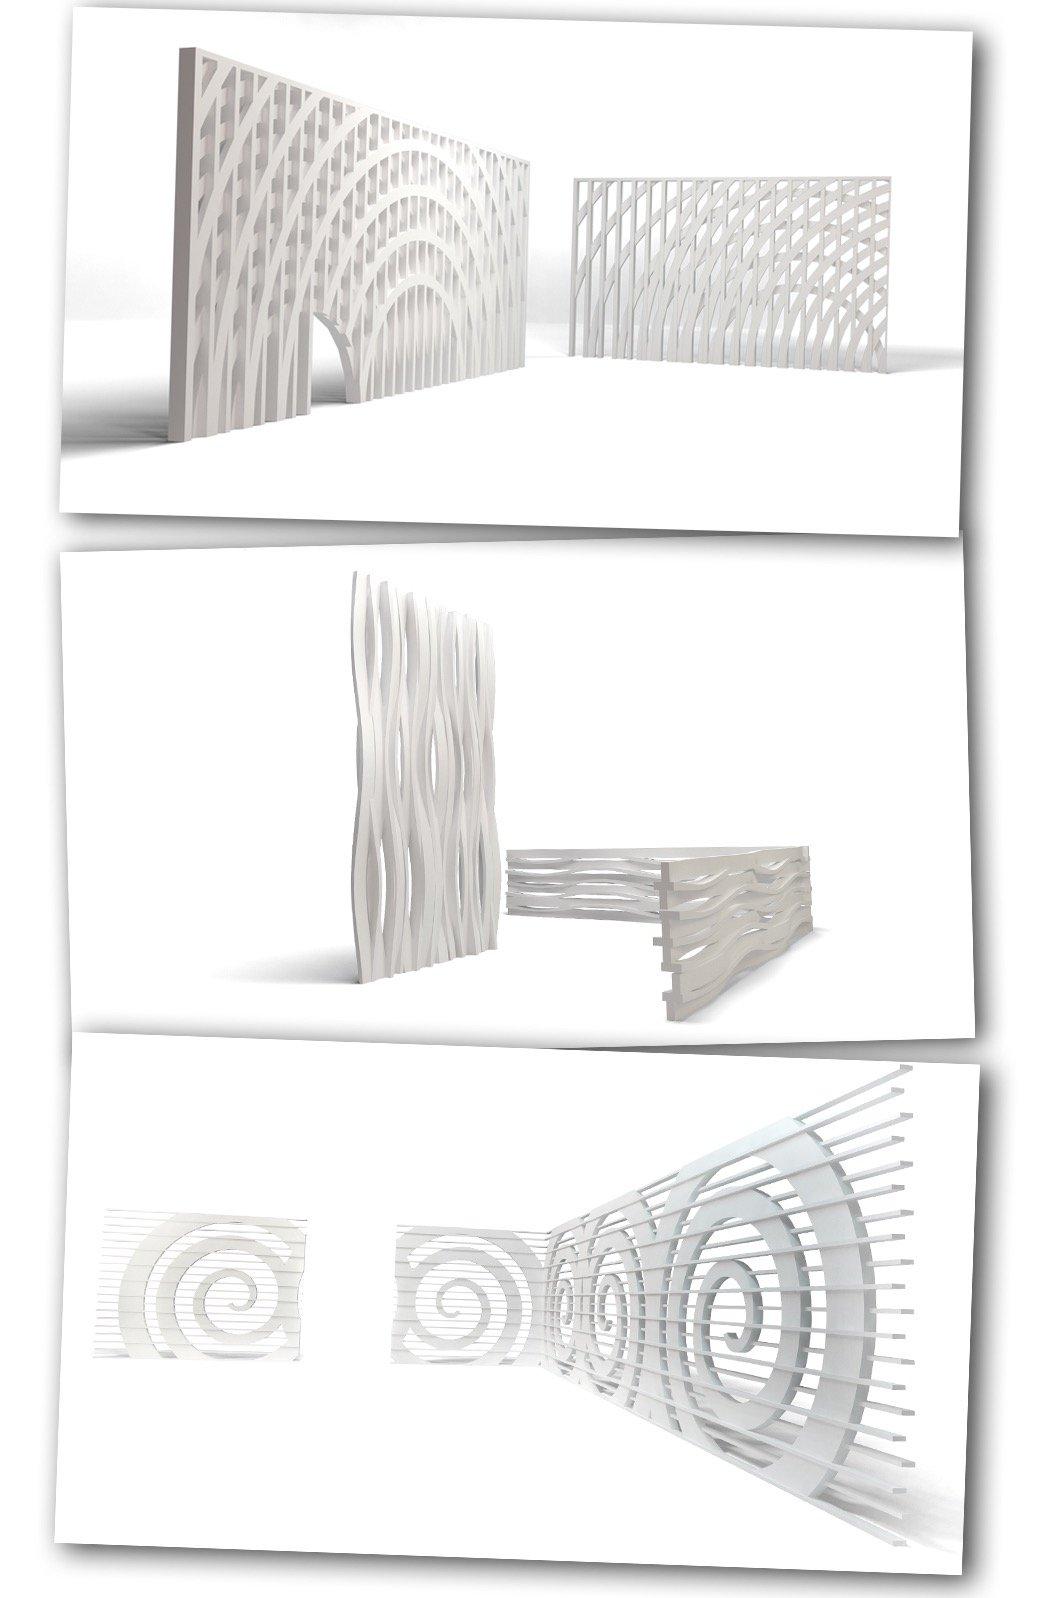 Celosias y manparas en 3DTECH